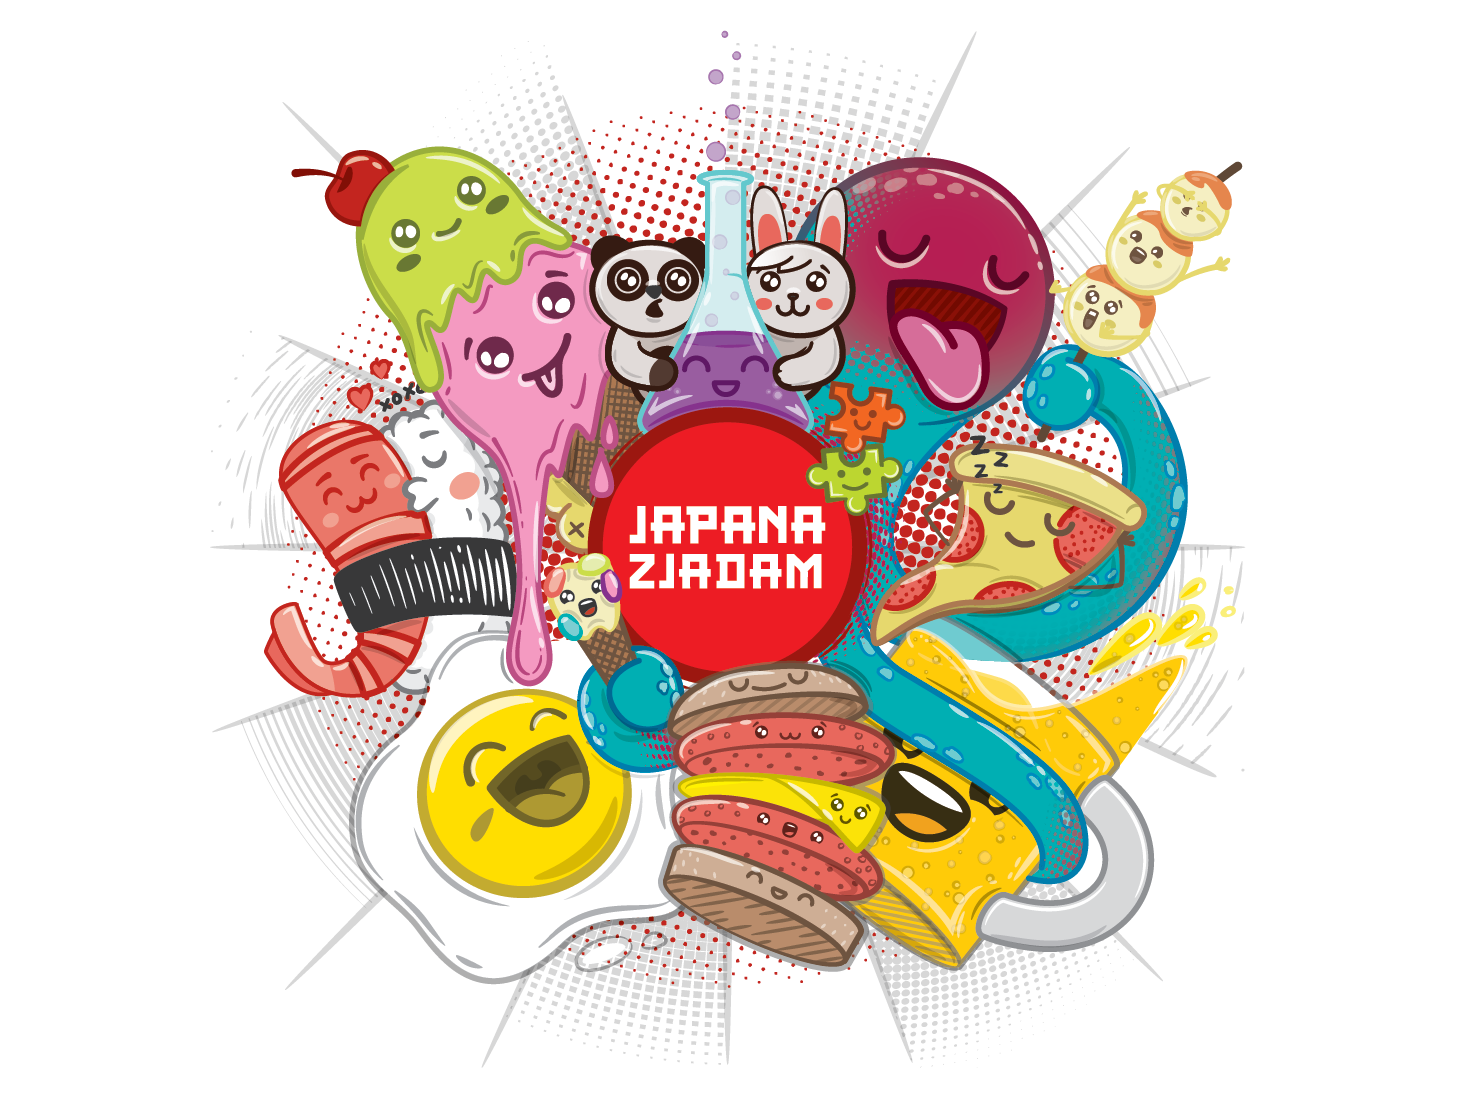 JaPanaZjadam_05-copy